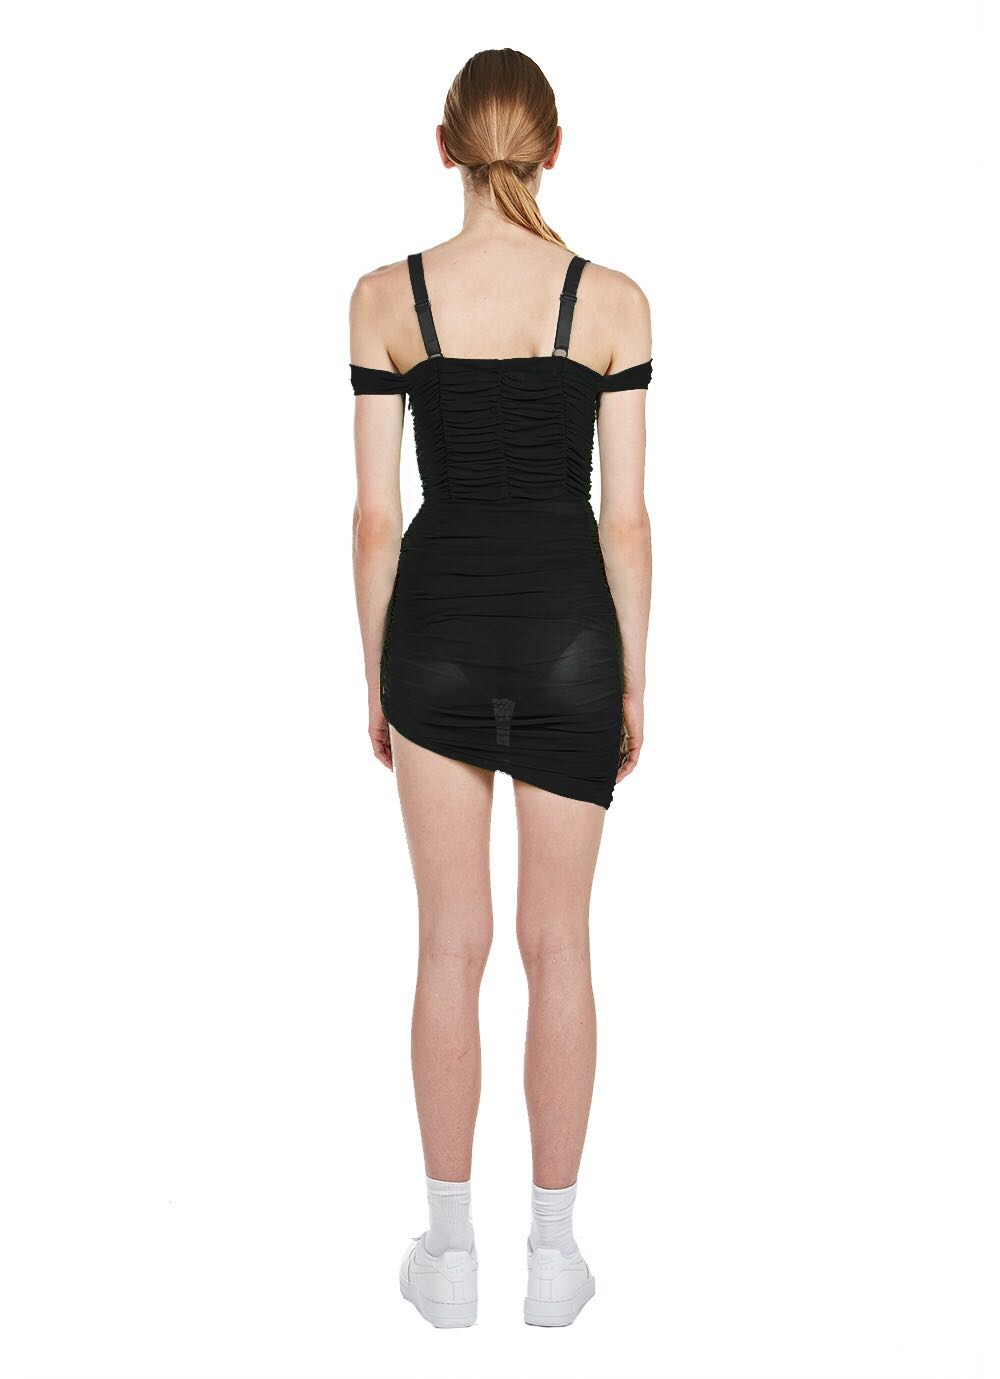 Femmes Gros En Mode Bandage Courroie Celebrity Mesh Robes Sexy Gaine Pub through Corps Robe See Nouveau Noir Bretelles Con Style De l1cFKJ